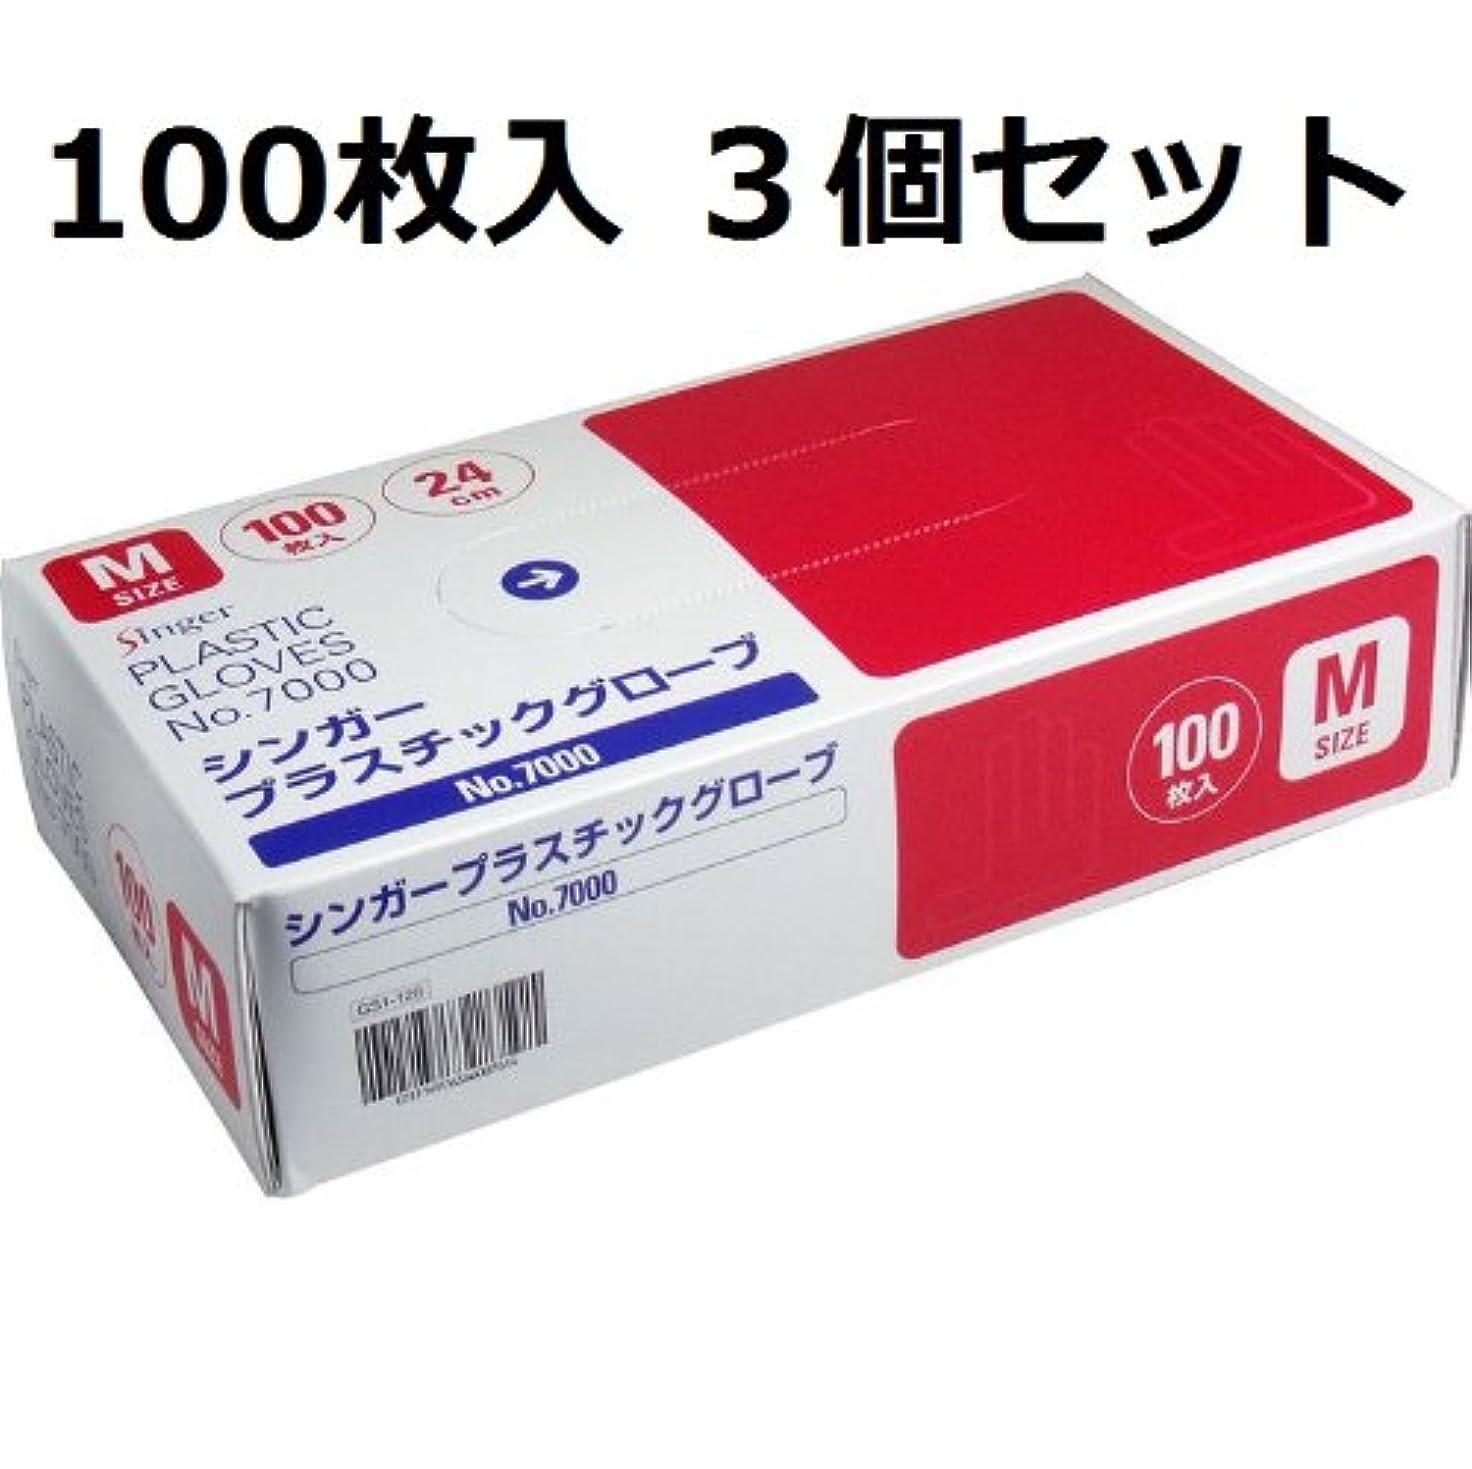 豆境界優先便利な左右兼用タイプ シンガープラスチックグローブ No.7000 Mサイズ 100枚入  3個セット